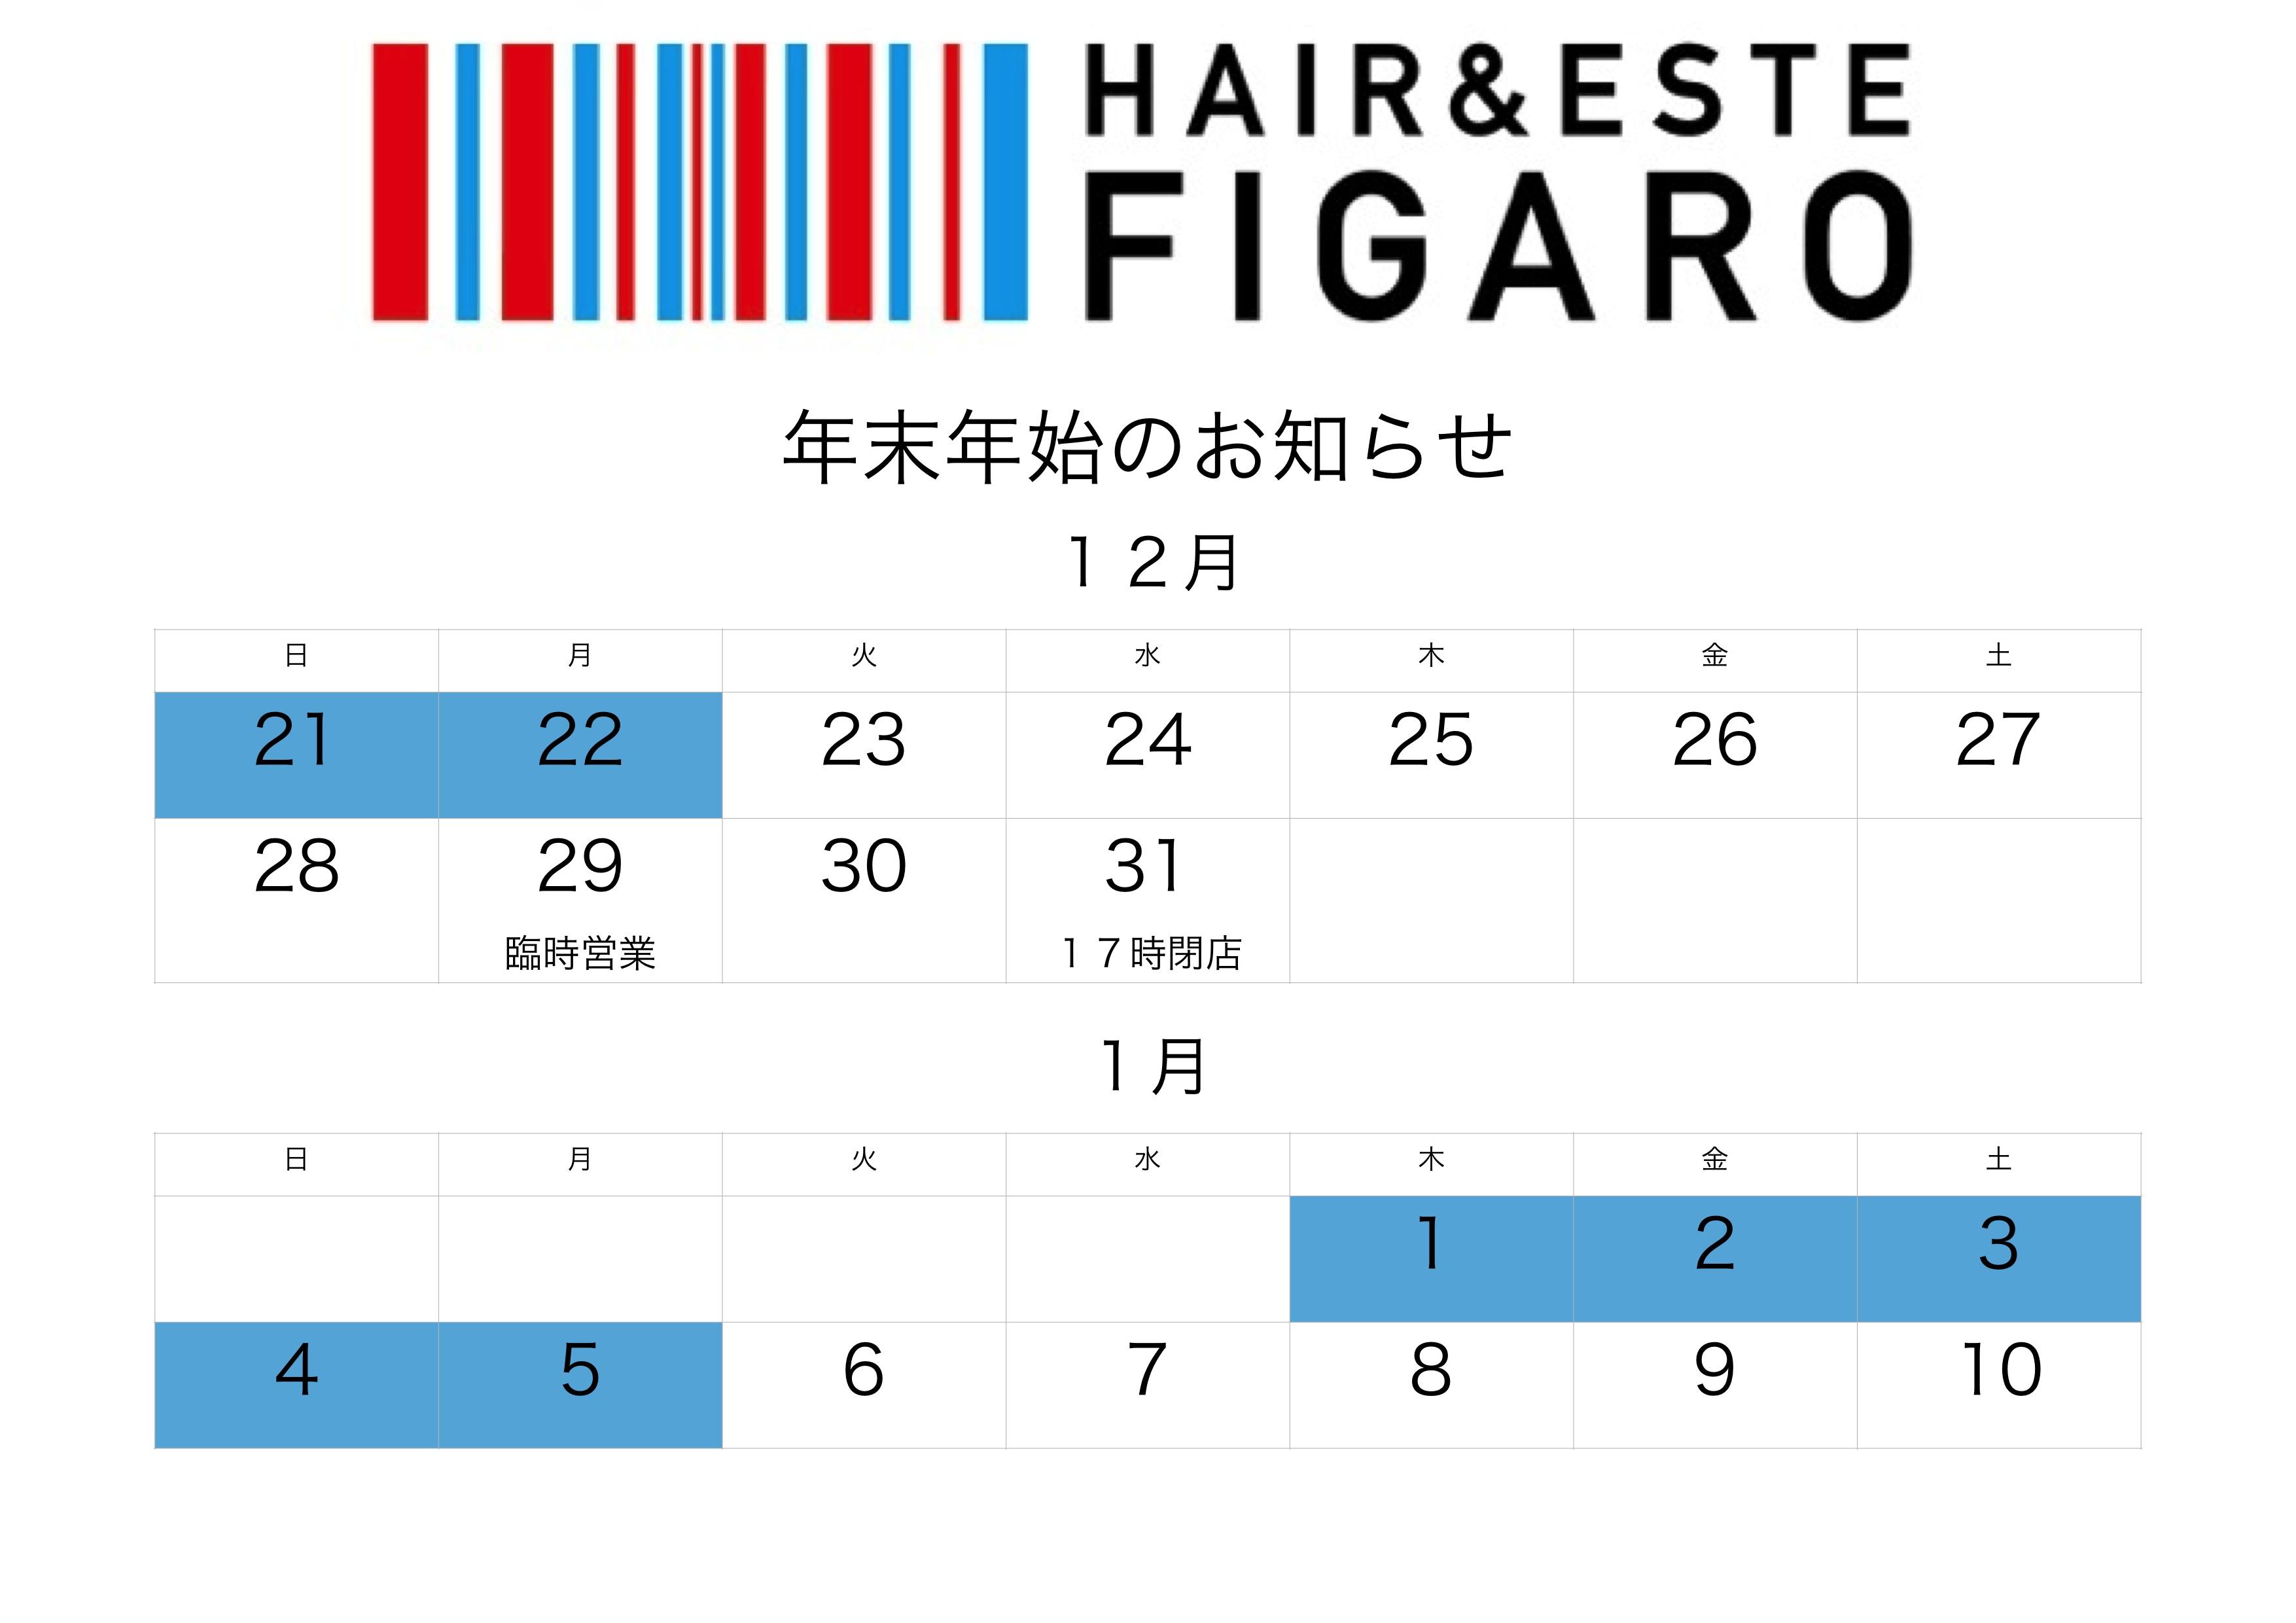 http://figaro-hair.com/blog/%E5%B9%B4%E6%9C%AB%E5%B9%B4%E5%A7%8B%E3%80%80%E5%AE%9A%E4%BC%91%E6%97%A5_0001.jpg